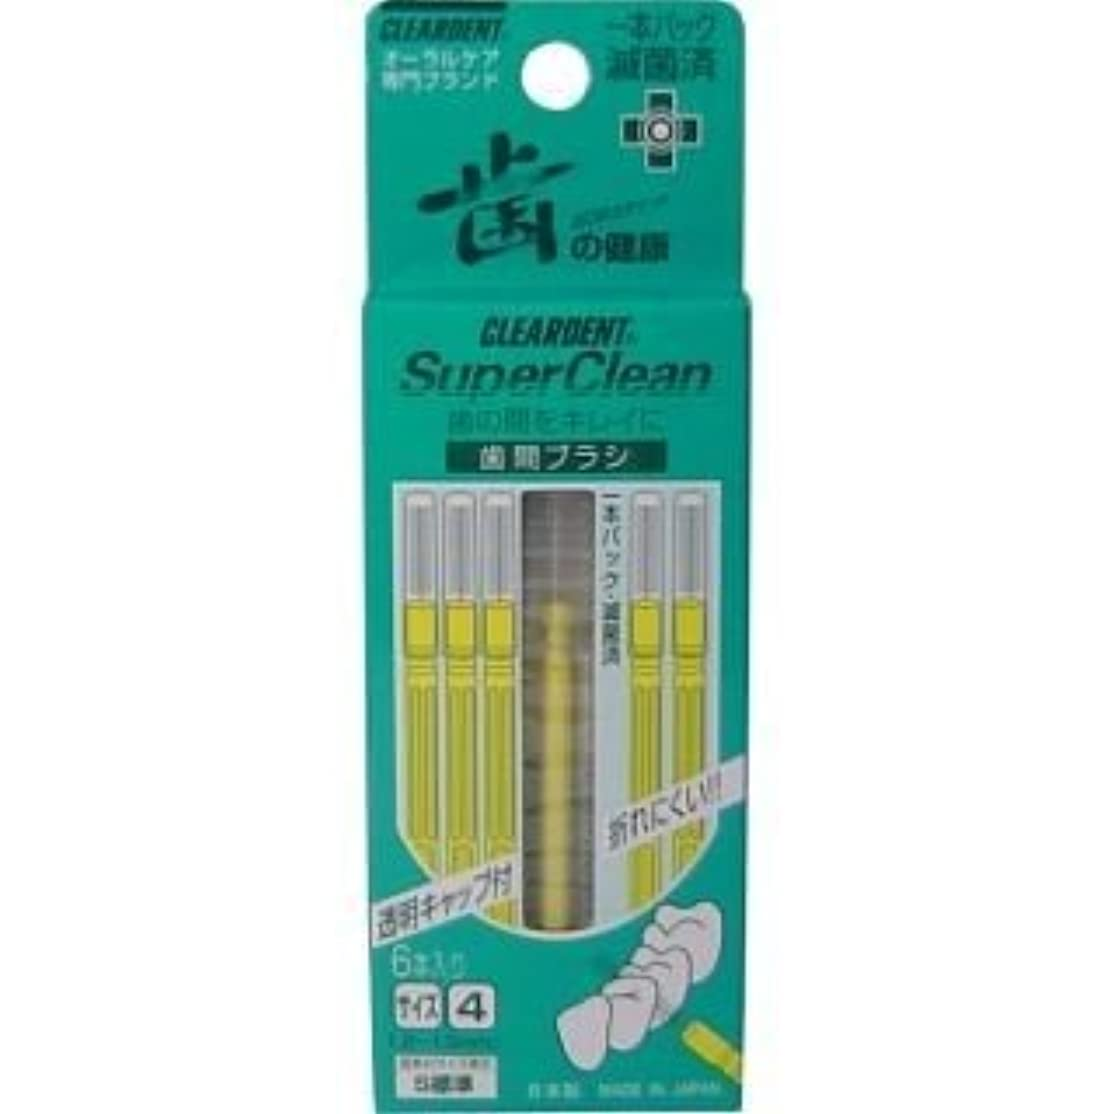 納得させるシンボル目的滅菌済み一本パックだから、清潔安心!歯みがきでは磨きにくい、歯と歯の間を清掃するブラシです!透明キャップ付きで衛生的!Sサイズ標準 6本入【4個セット】